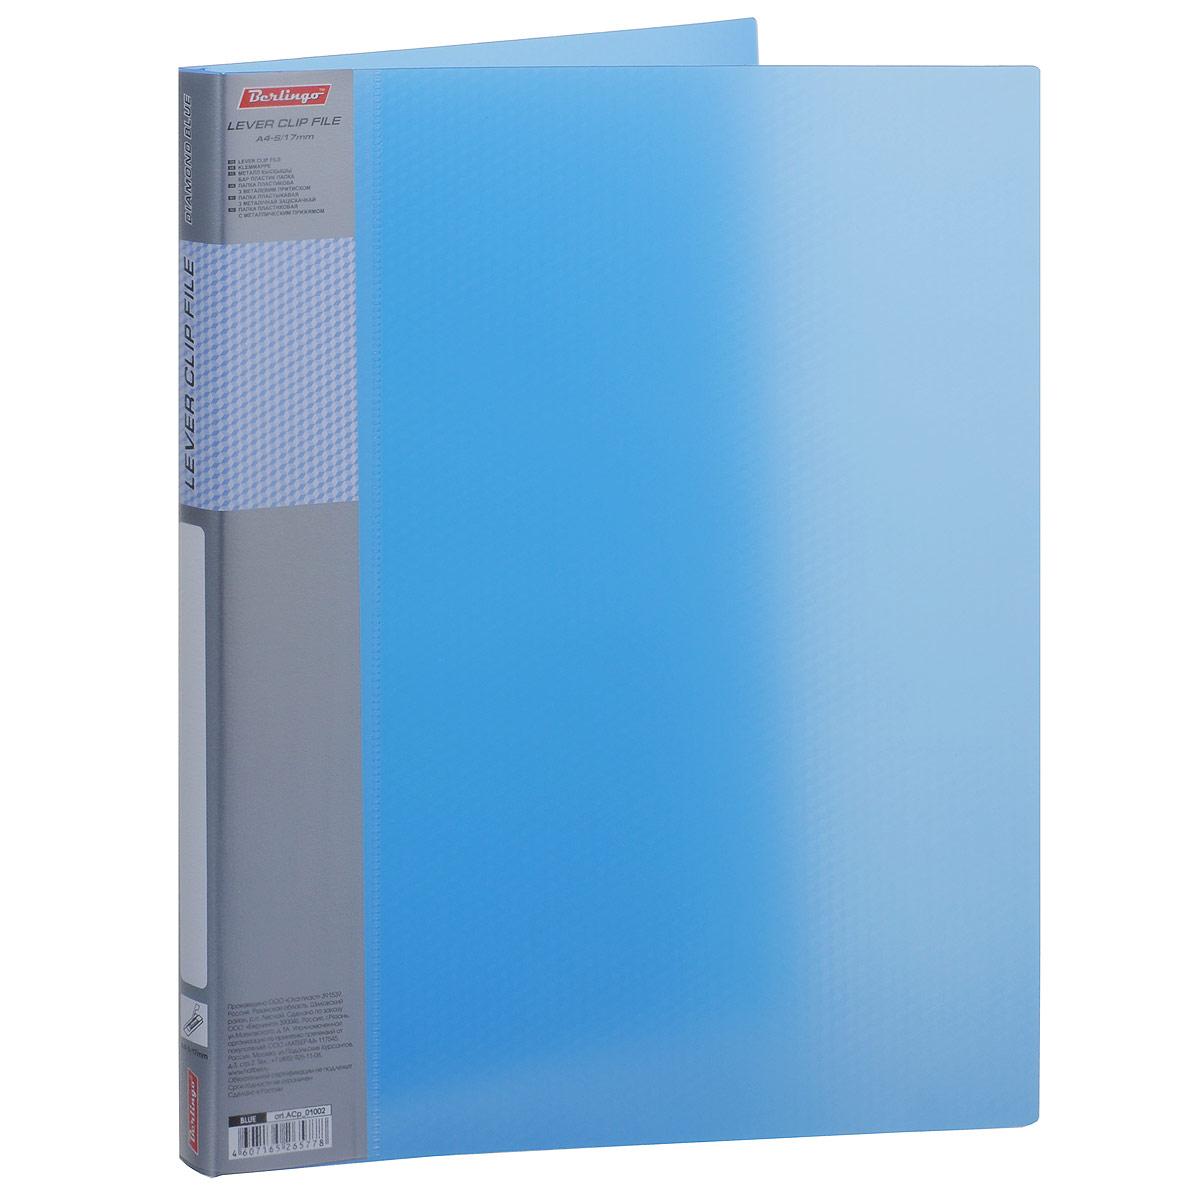 Папка с боковым зажимом Berlingo, цвет: синий. Формат А4ACp_01002Папка Berlingo - это удобный и практичный офисный инструмент, предназначенный для бережного хранения и транспортировки без перфорации рабочих бумаг и документов формата А4. Папка изготовлена из полупрозрачного фактурного пластика толщиной 0,7 см, оснащена не повреждающим бумагу металлическим прижимным механизмом и дополнена прозрачным кармашком на корешке со съемной этикеткой для маркировки. Папка надежно сохранит ваши документы и сбережет их от повреждений, пыли и влаги. Толщина папки - 1,7 см.